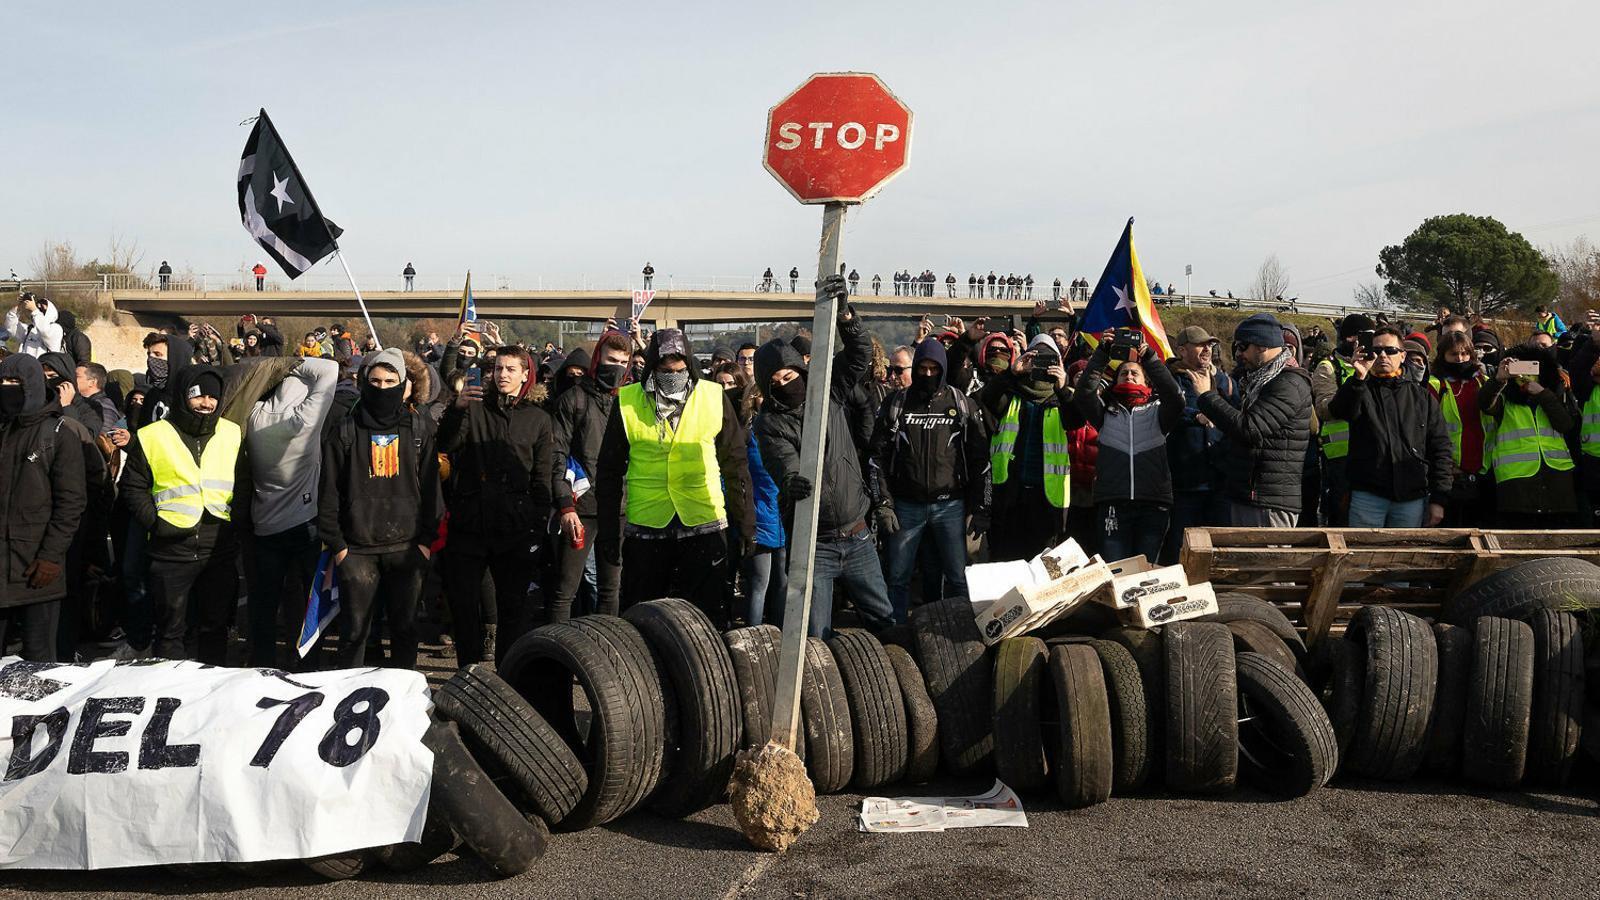 Dos grups d'activistes s'organitzen per aturar el país amb la sentència